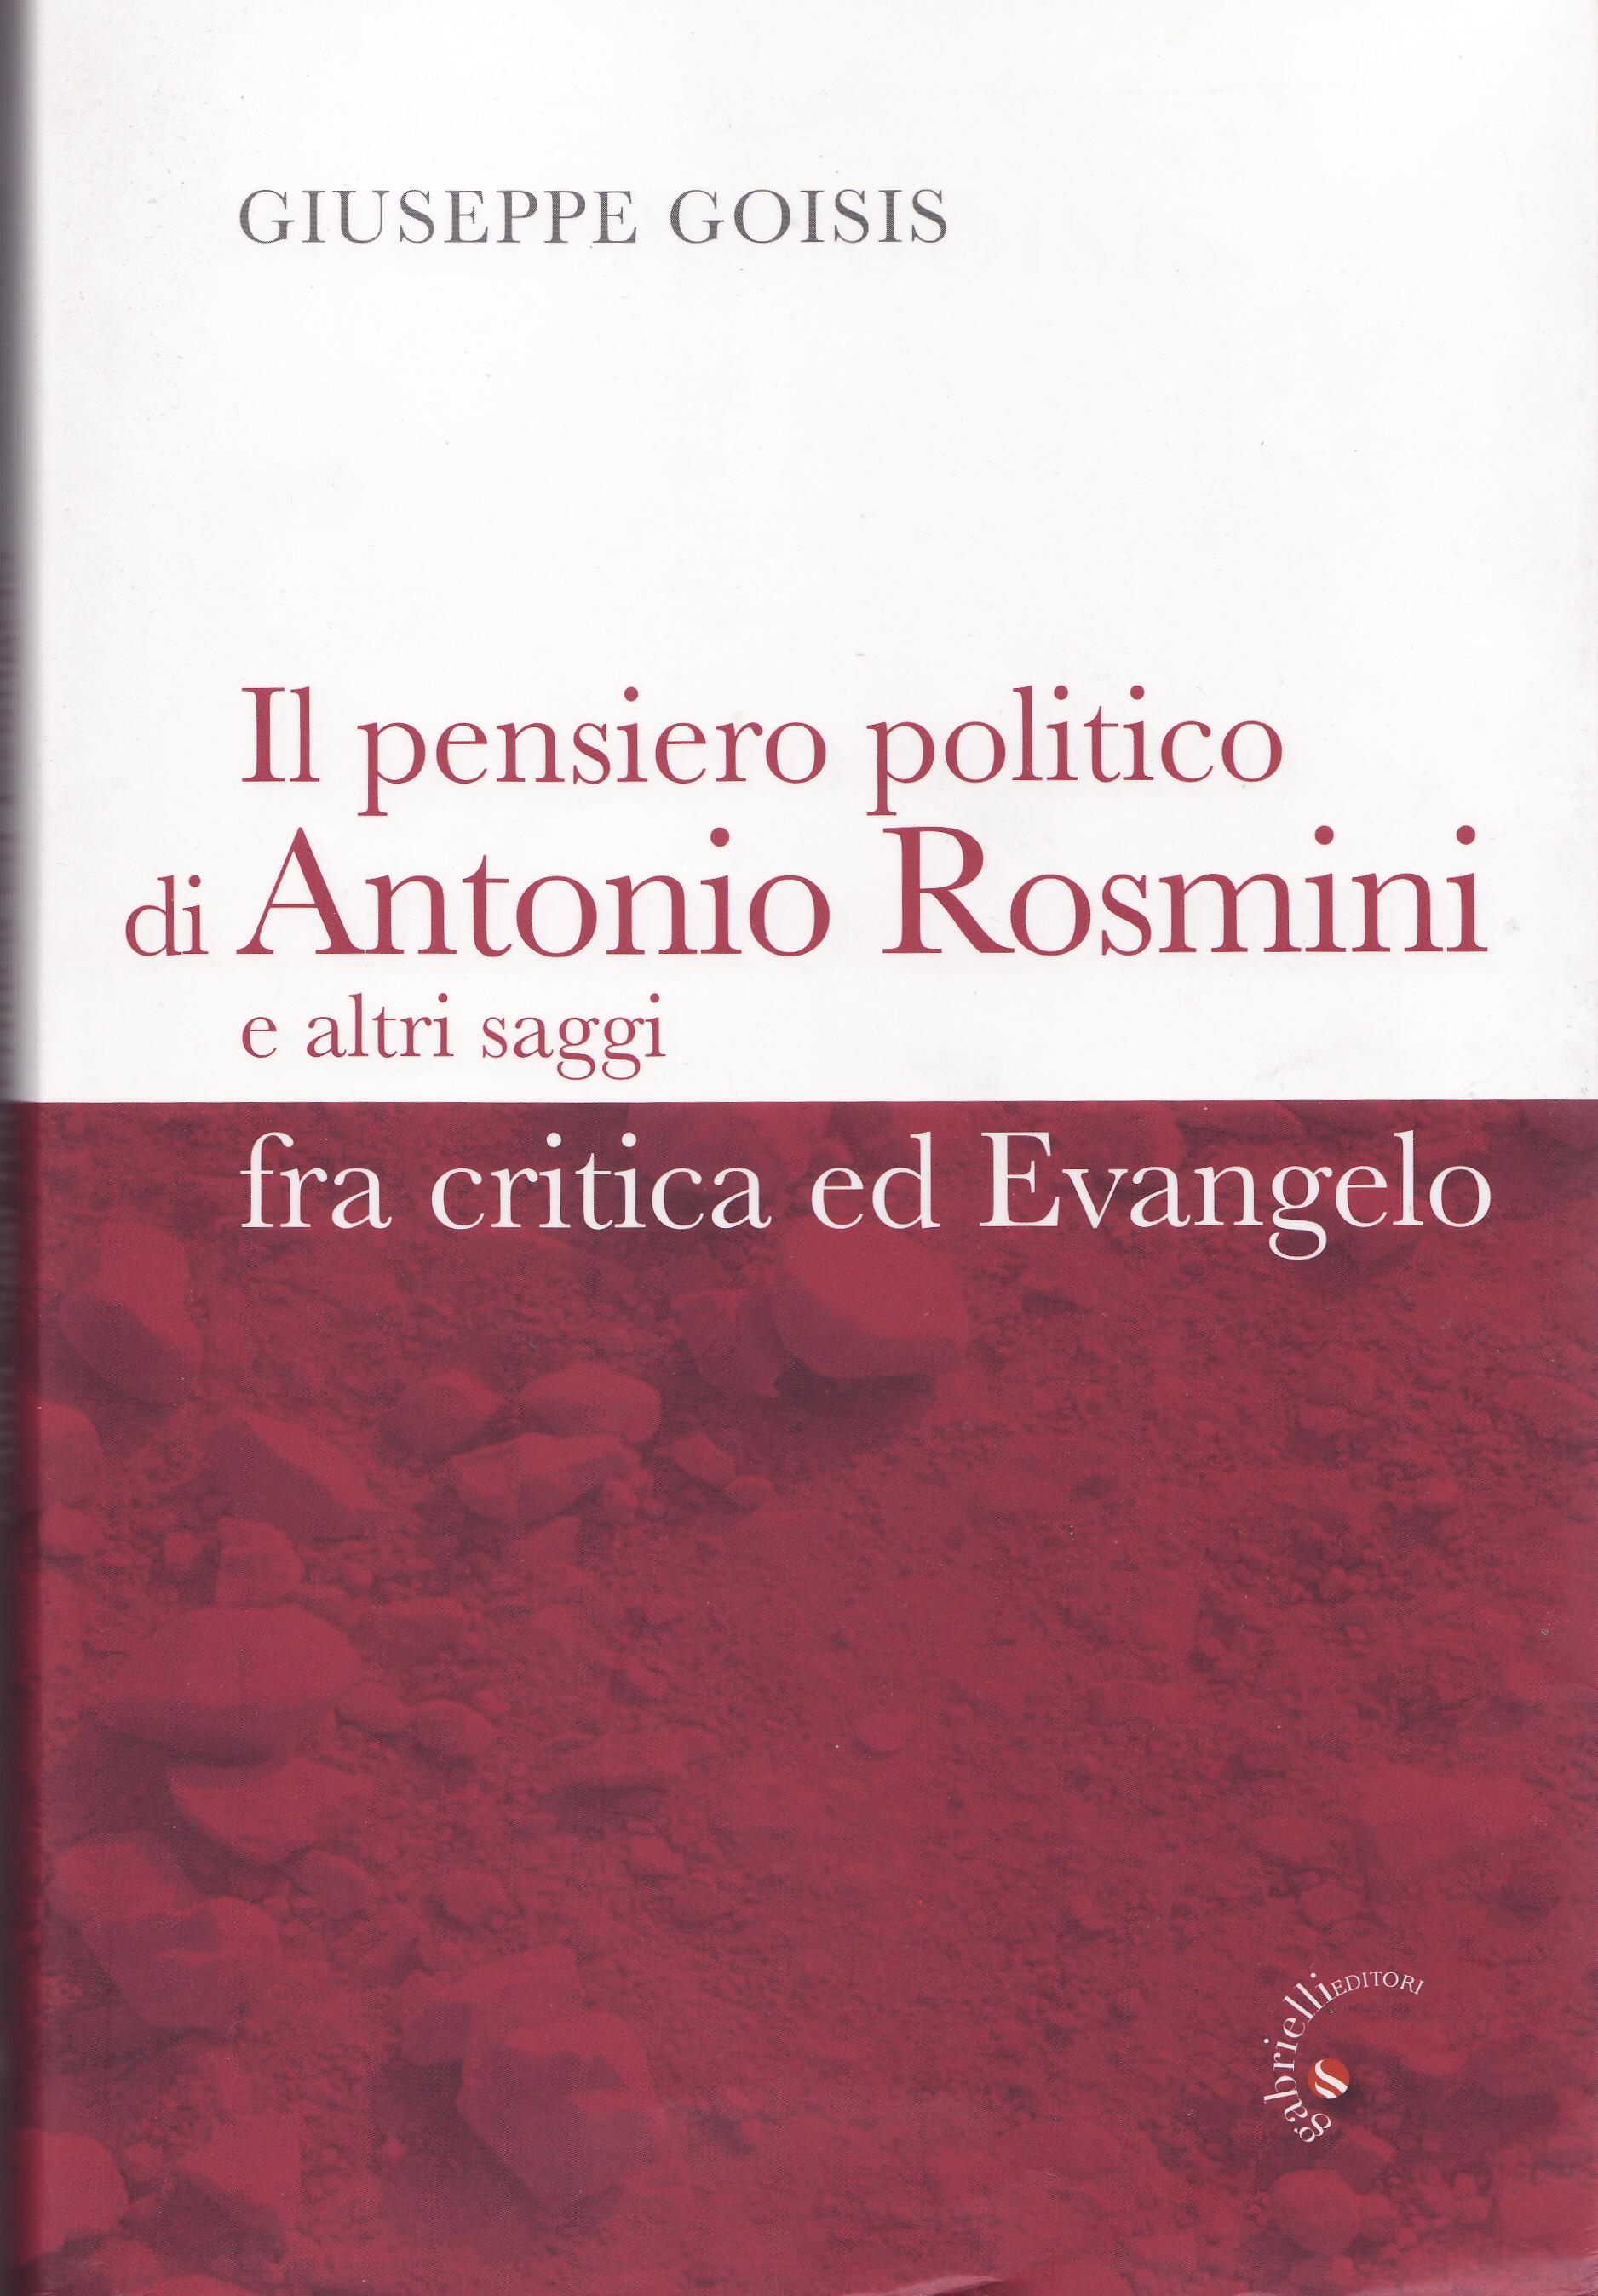 Il pensiero politico di Antonio Rosmini e altri saggi